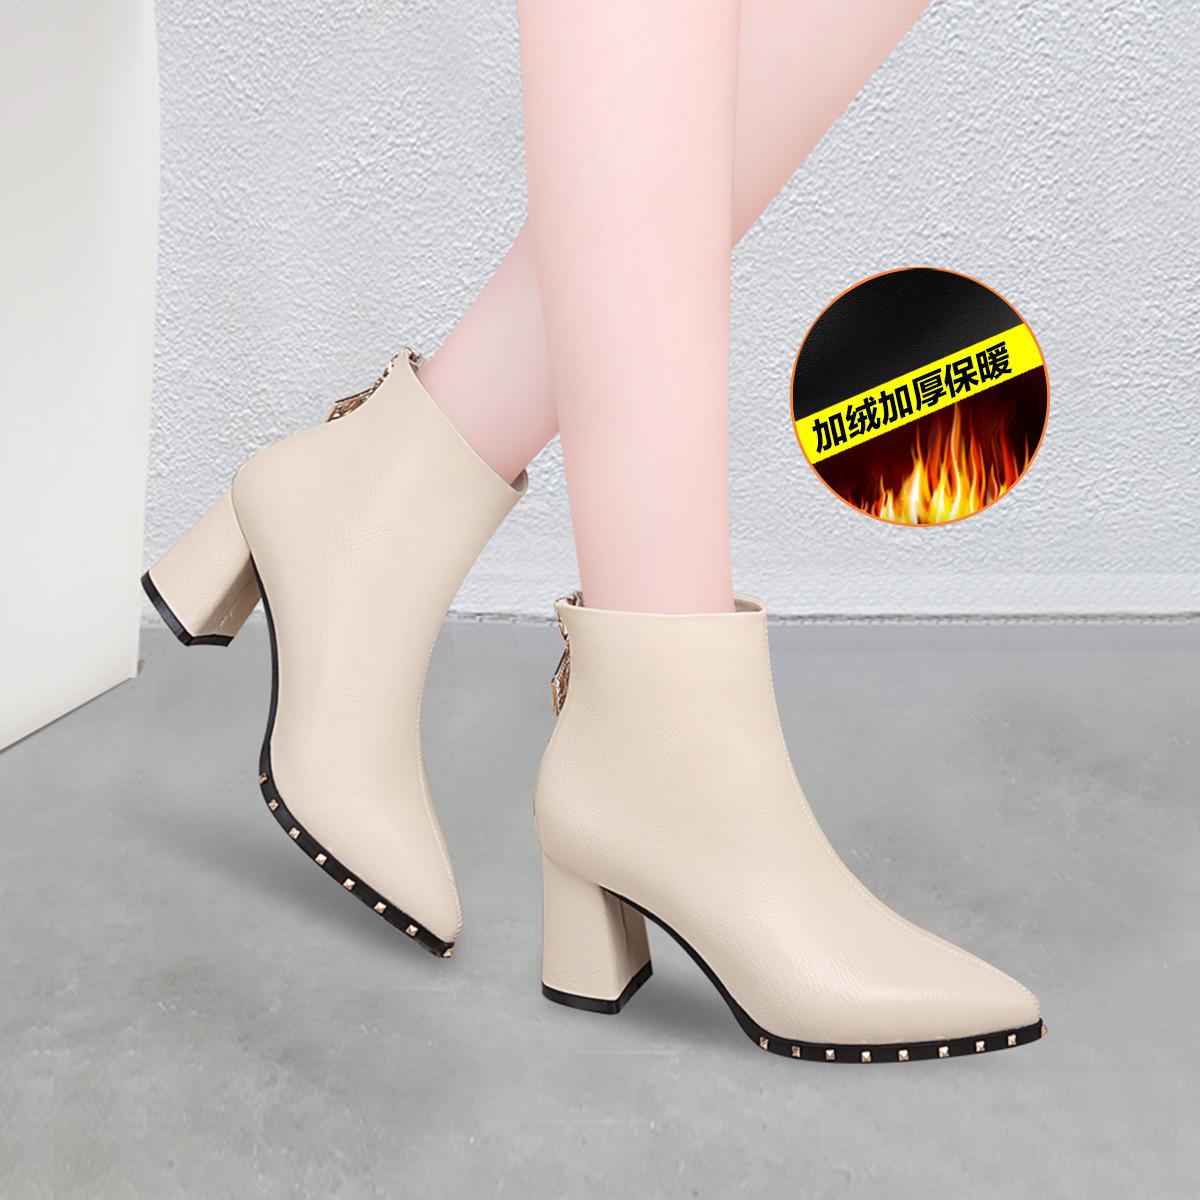 百年纪念19新款秋冬季加绒保暖皮面粗跟后拉链短筒靴子女鞋女靴切尔西靴B1200702